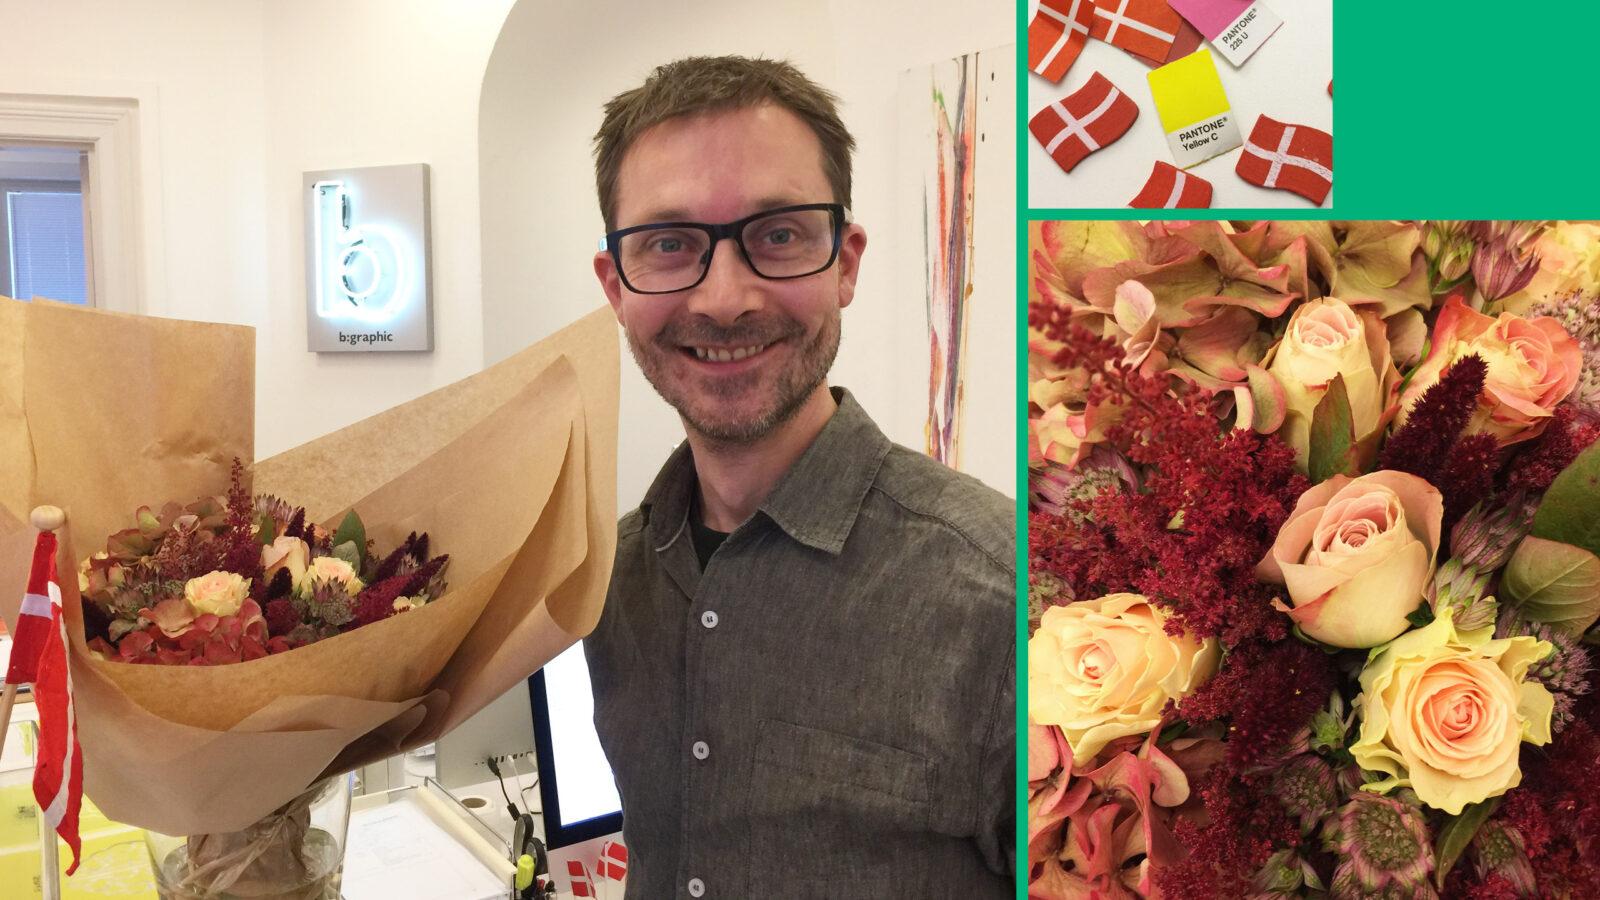 Kristian Skaarup har været hos BGRAPHIC i 10 år